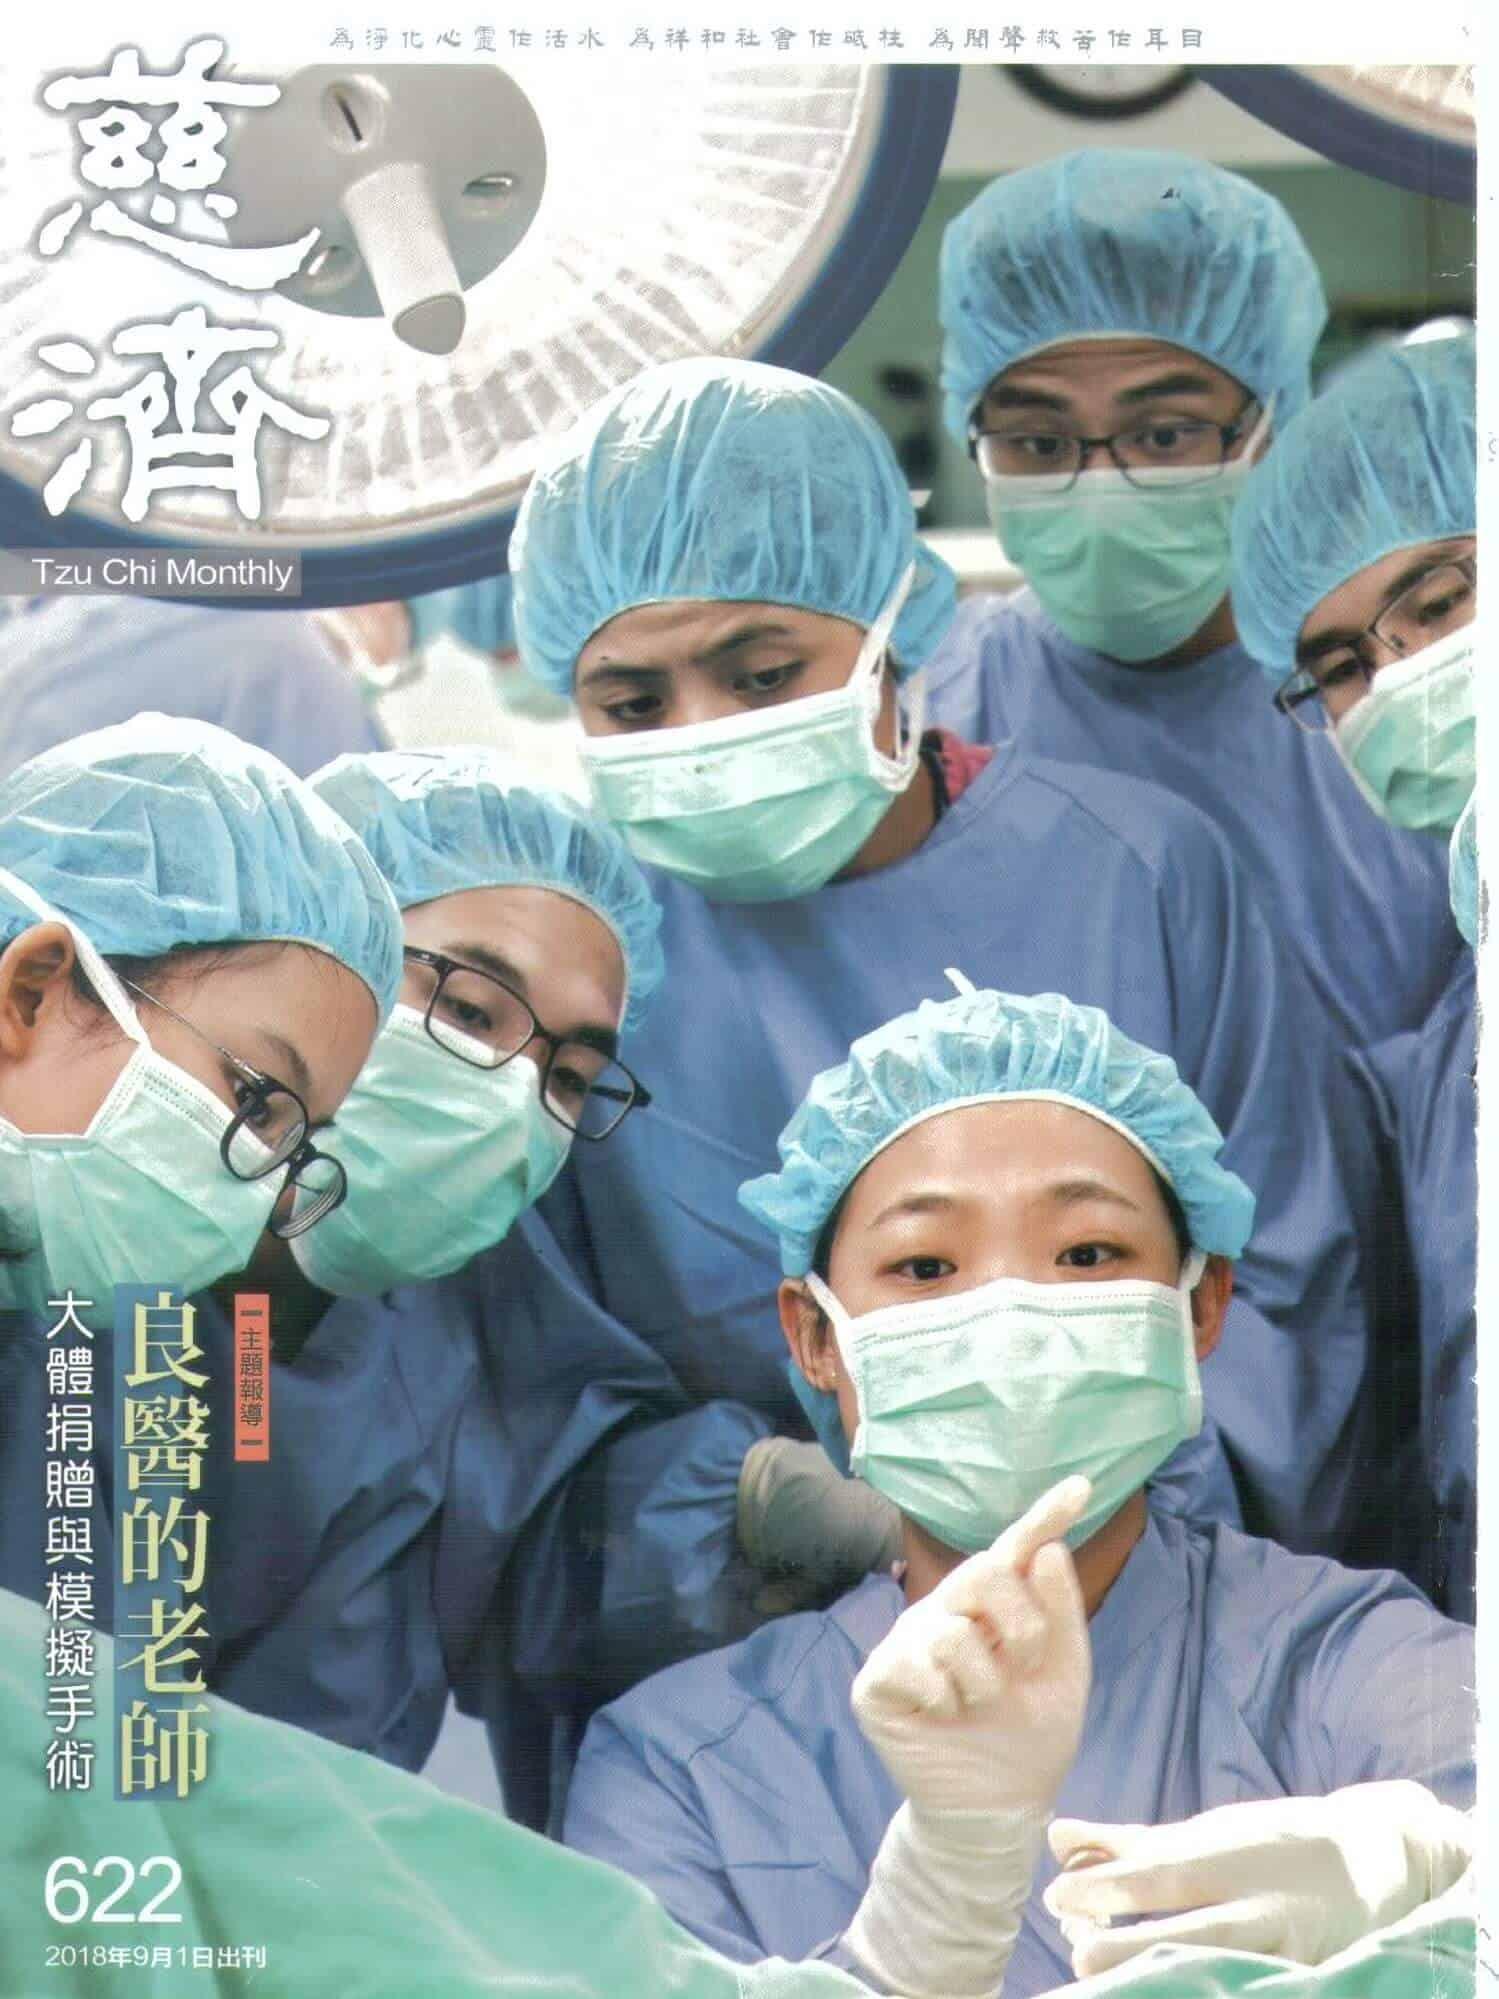 【見證奇蹟】多看一位,就賺到一位-斯里蘭卡義診-柏登牙醫人物專訪-1